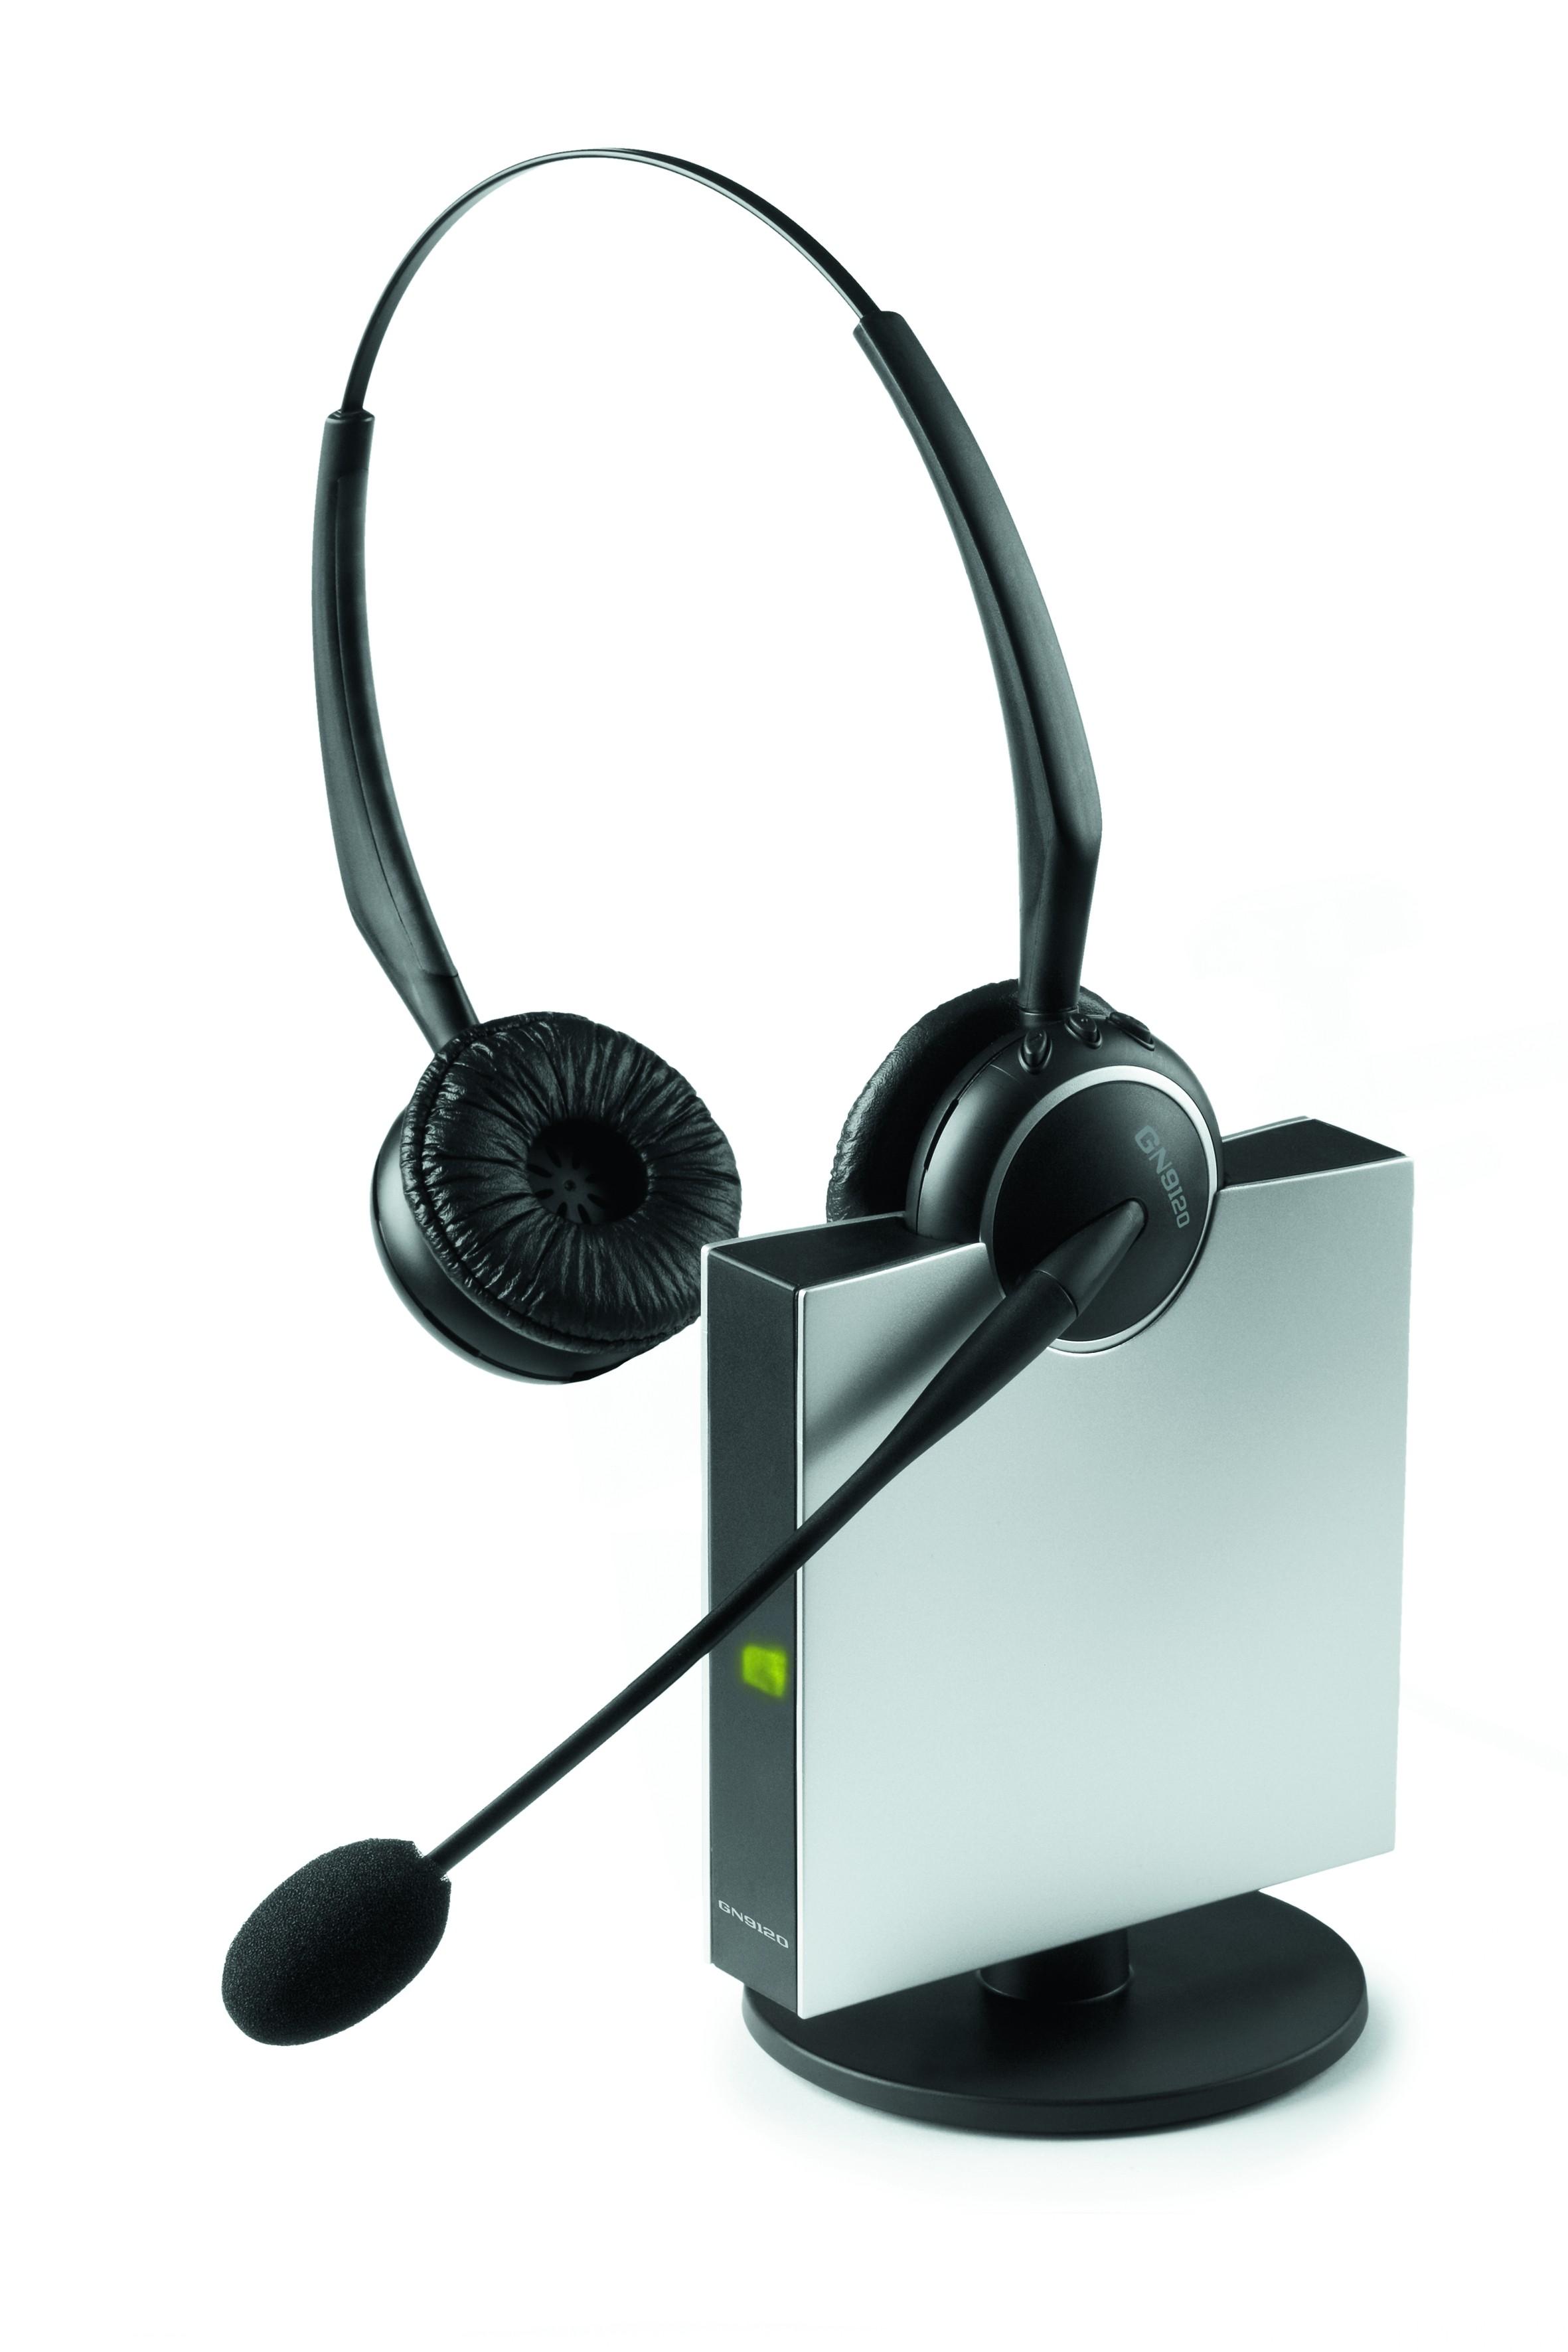 GN Netcom Jabra GN9120 Duo Wireless Headset - A Grade